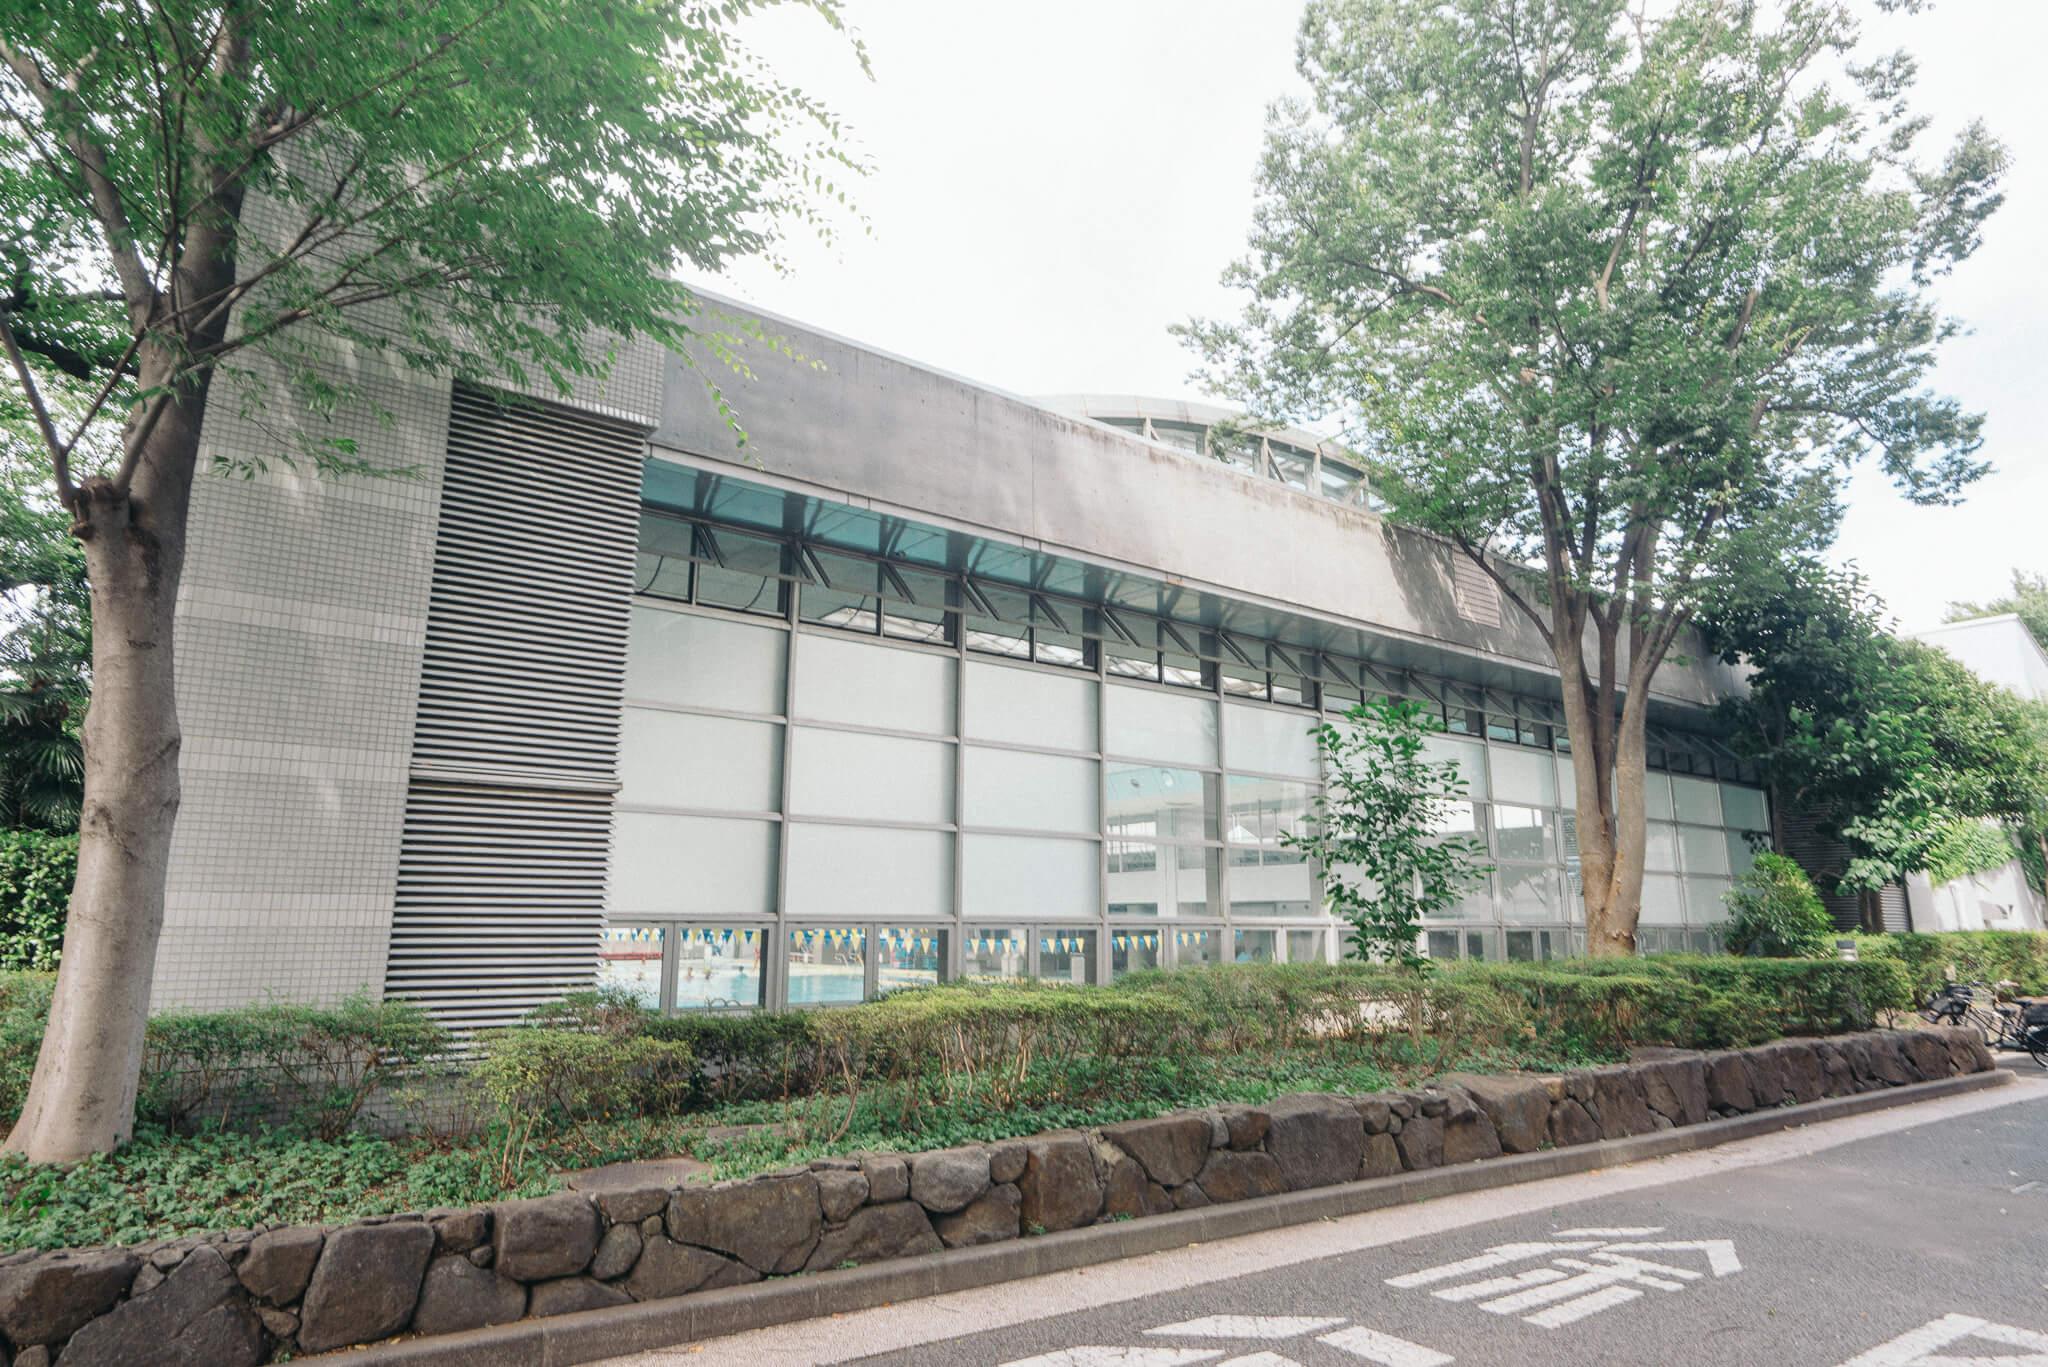 そのお向かいには、屋内プールも備える大きな体育館、武蔵野総合体育館が。